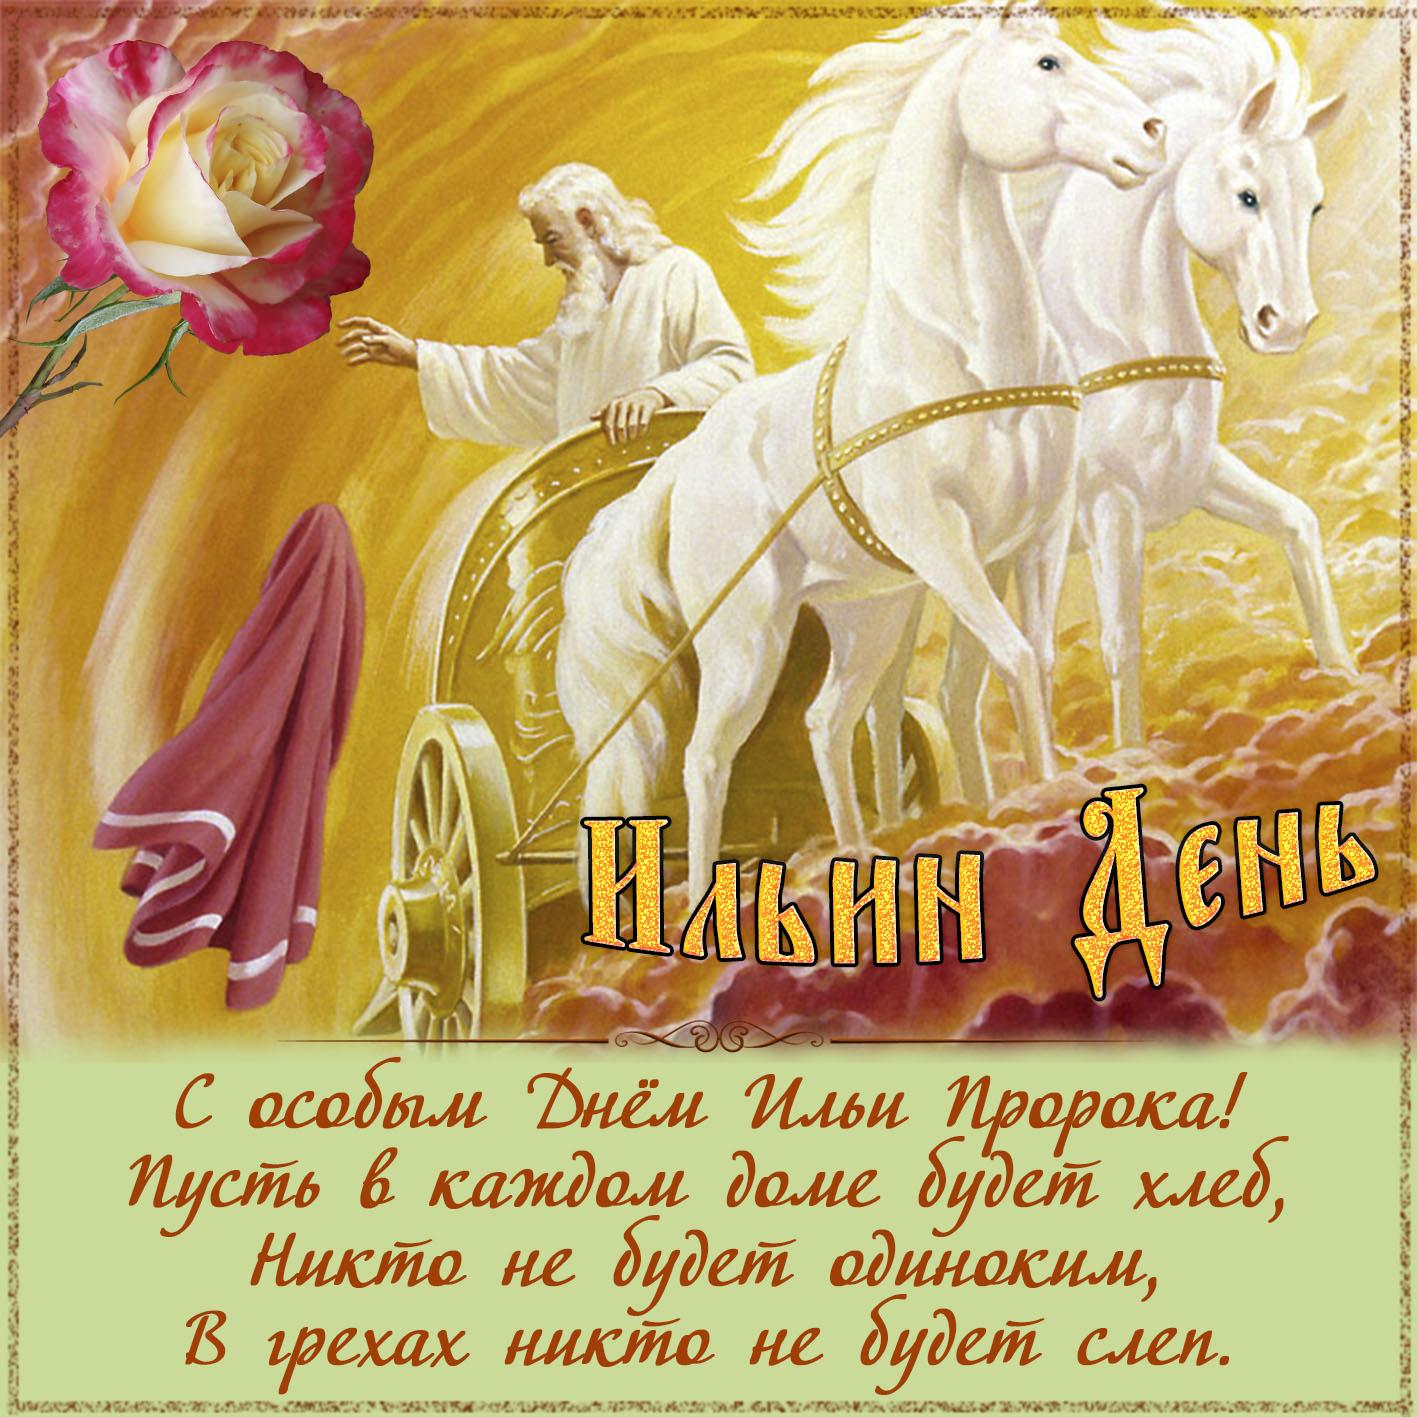 Открытка с пожеланием на День Ильи Пророка